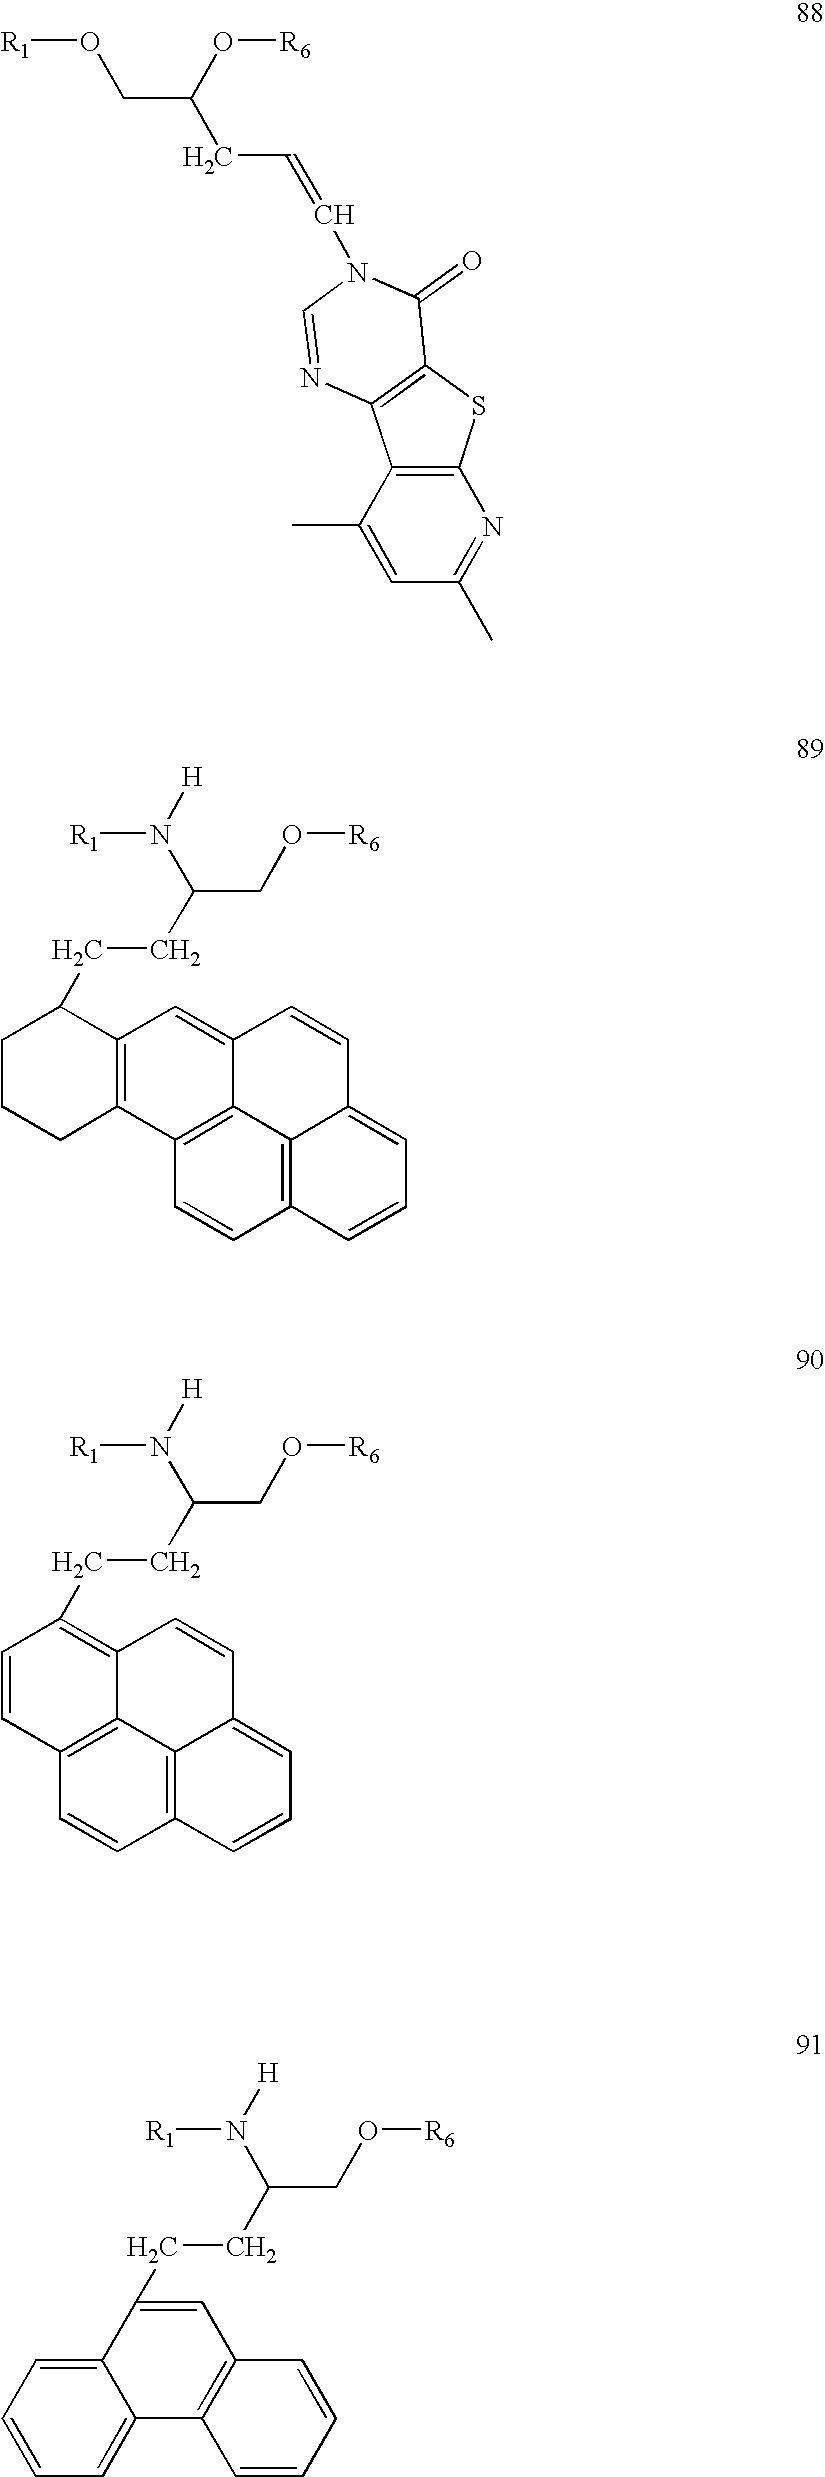 Figure US20060014144A1-20060119-C00106